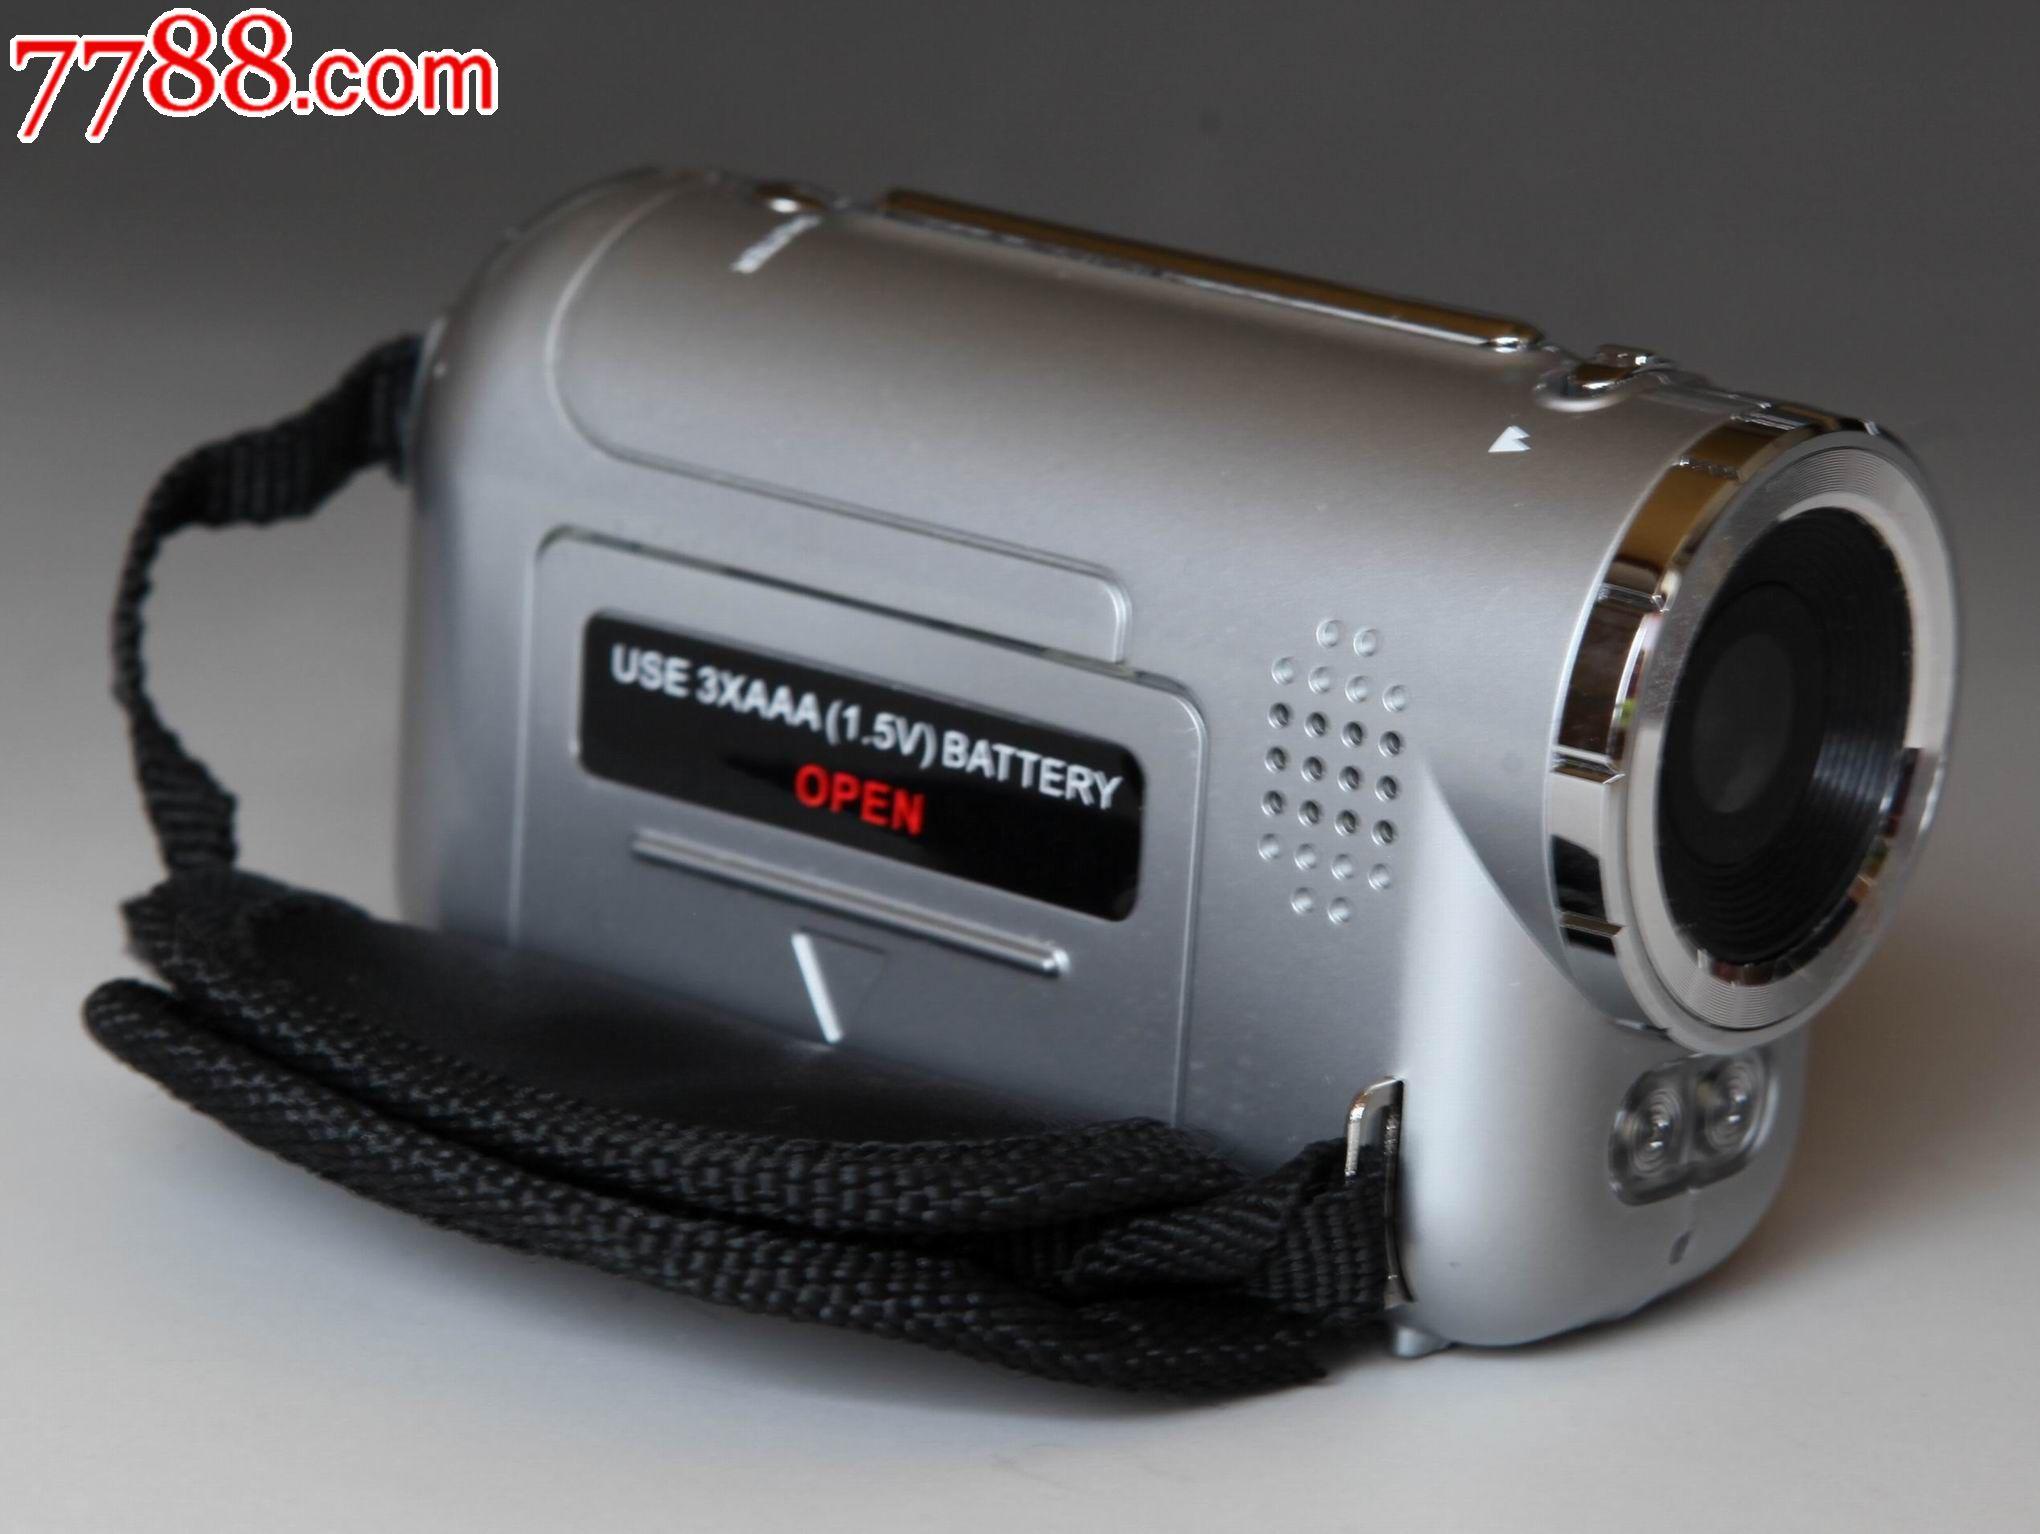 小型摄像机包邮-傻瓜机/胶片相机--se18874973-零售